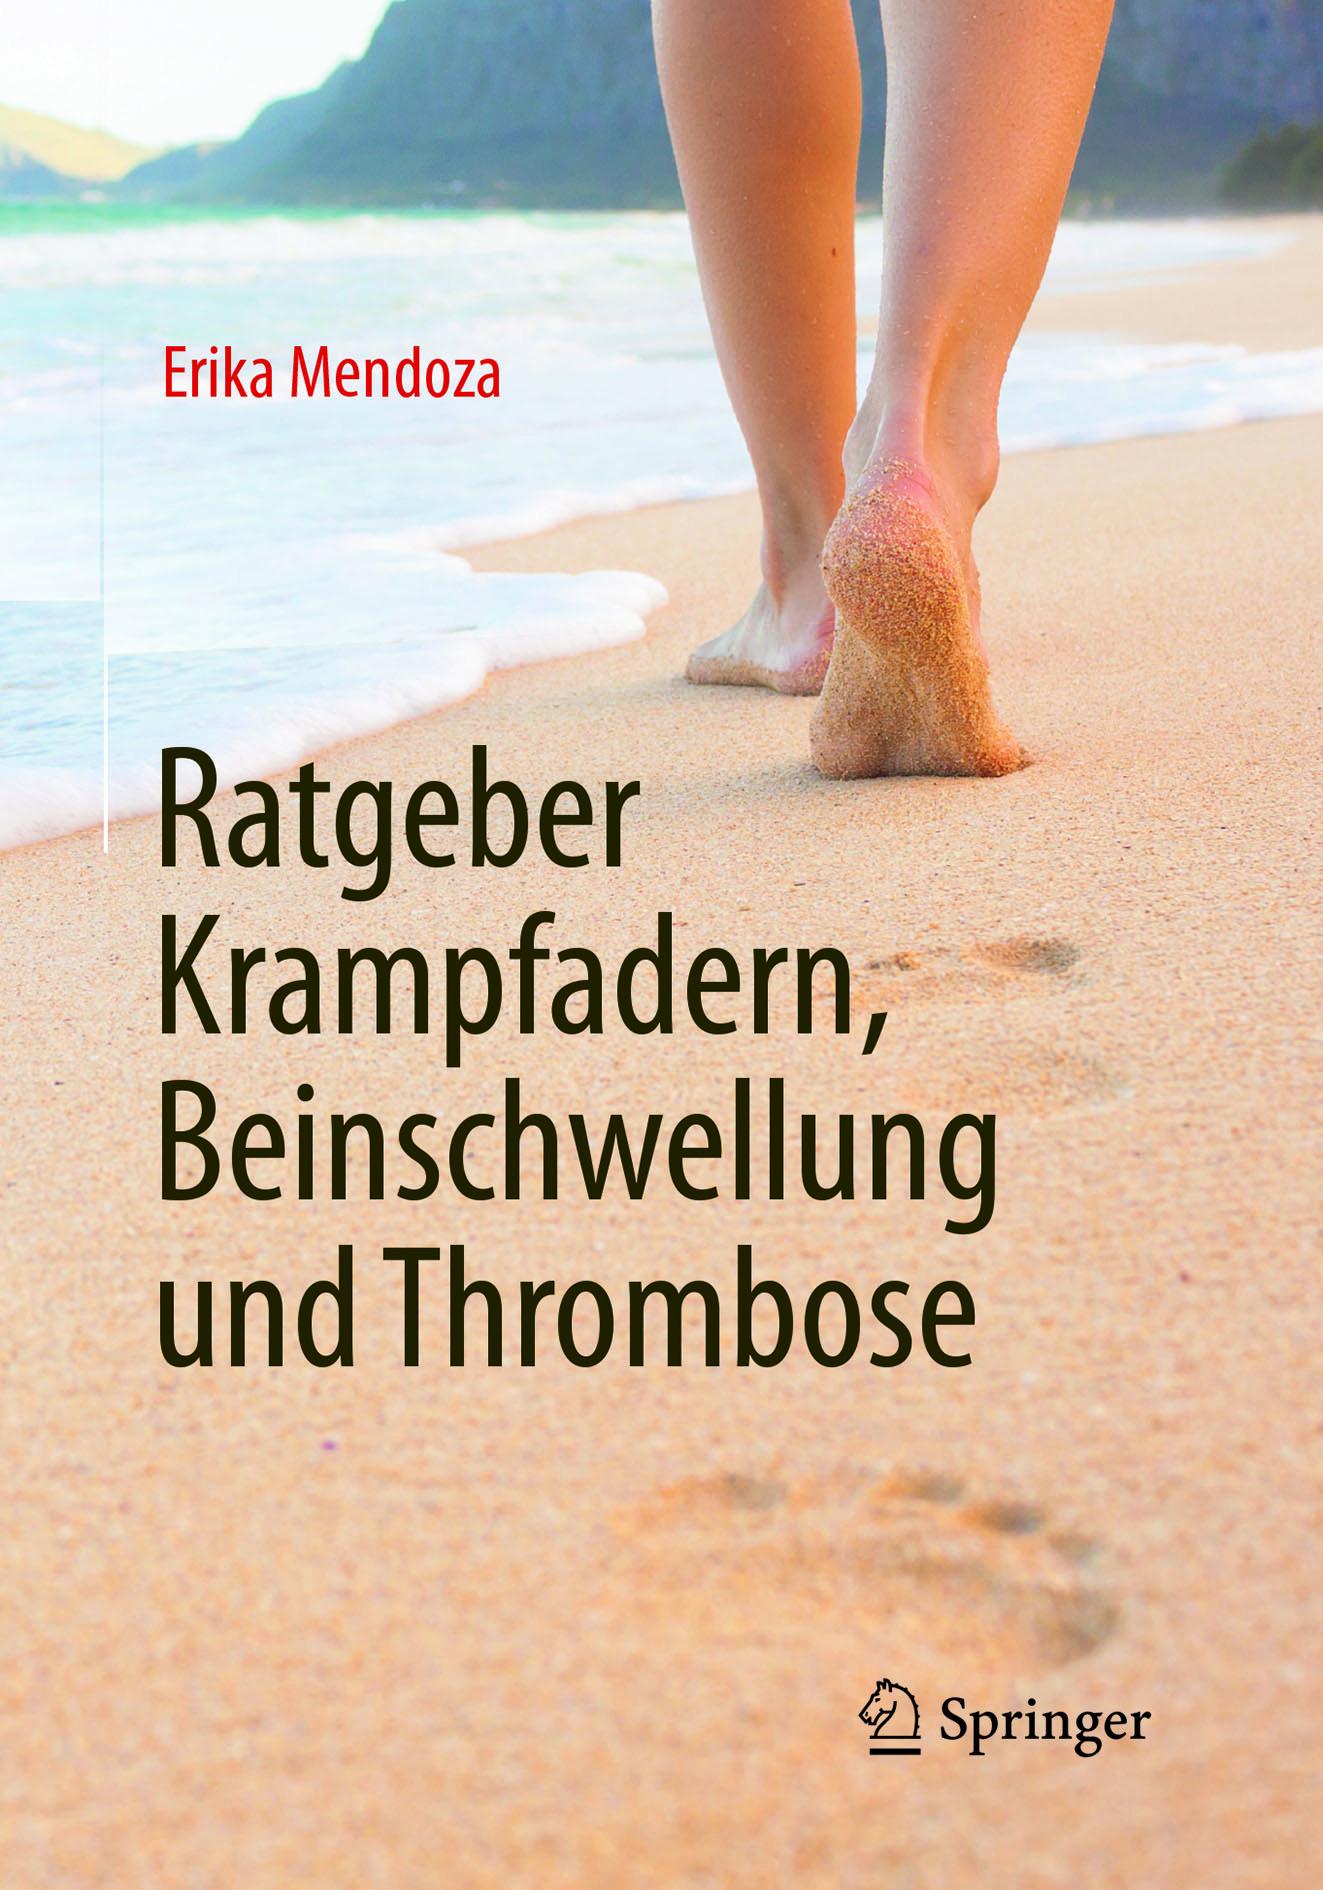 Mendoza, Erika - Ratgeber Krampfadern, Beinschwellung und Thrombose, ebook